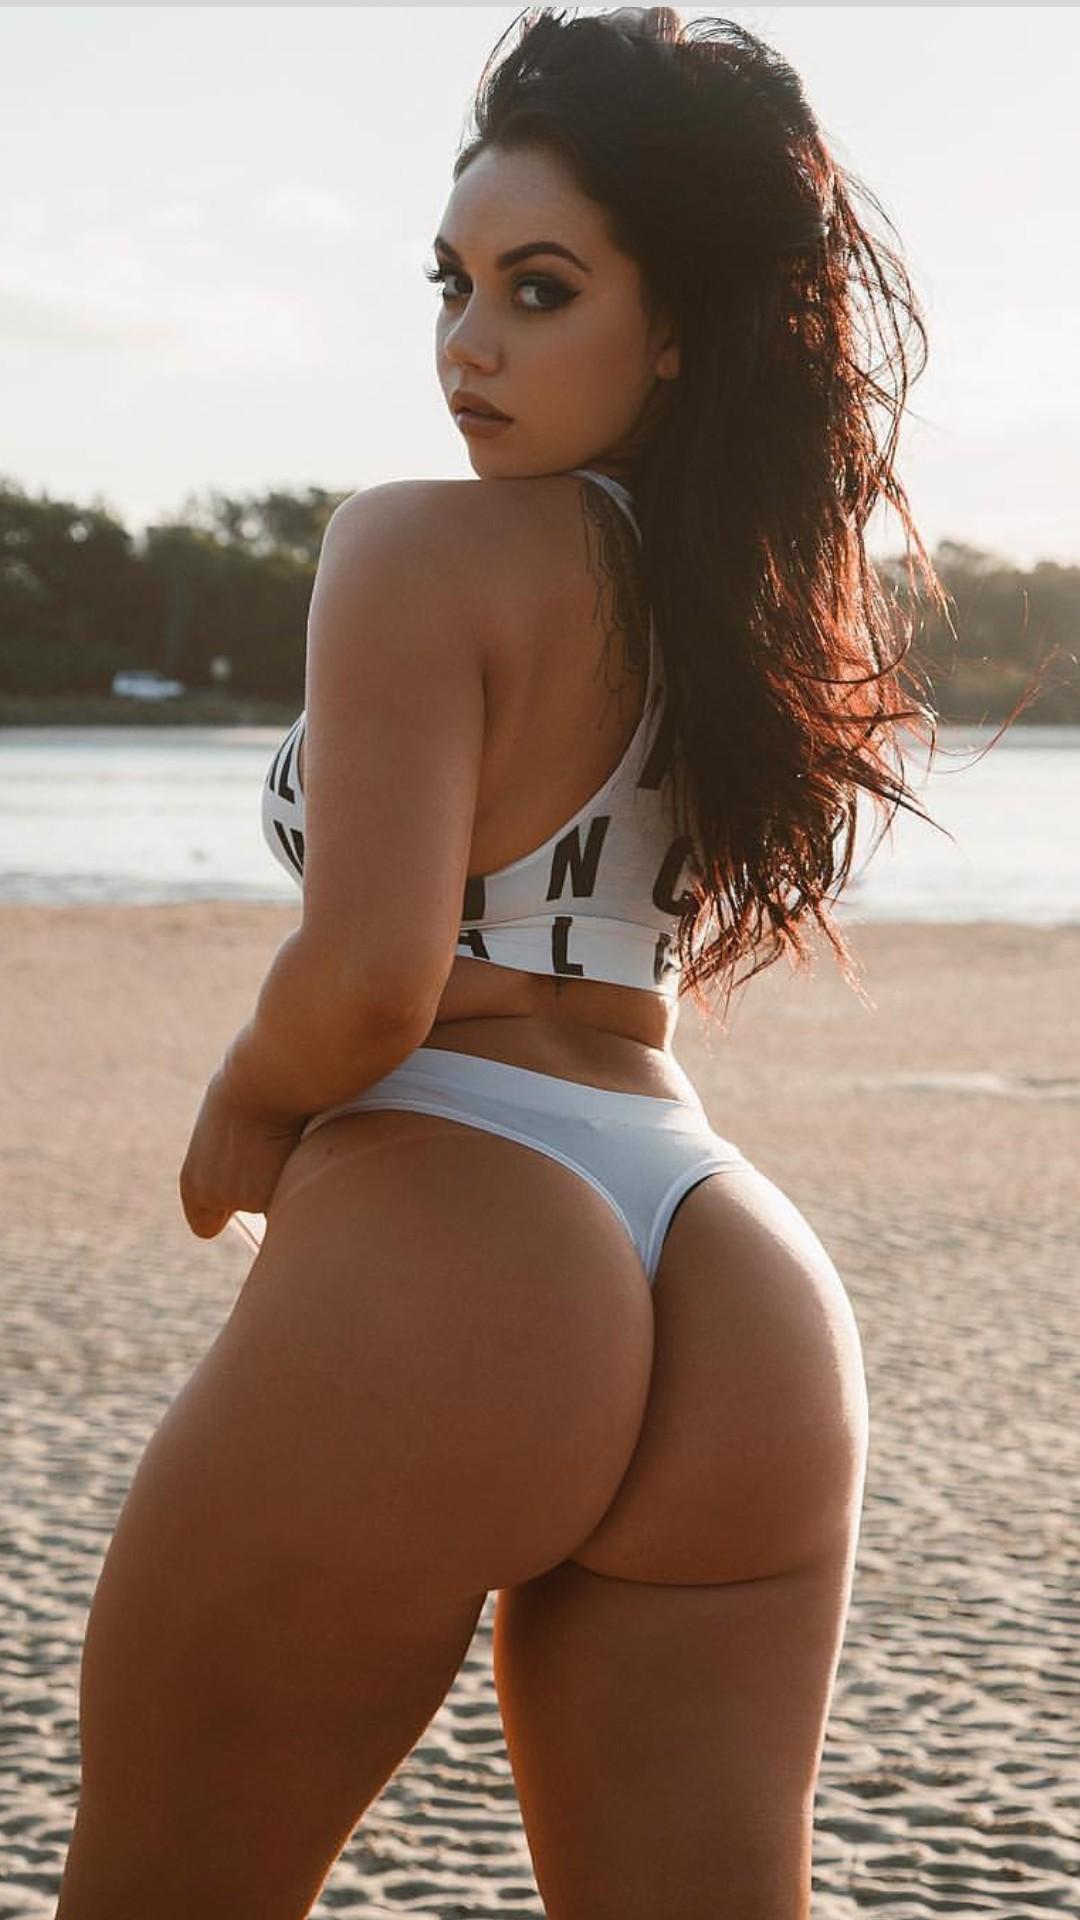 Geiler Ass